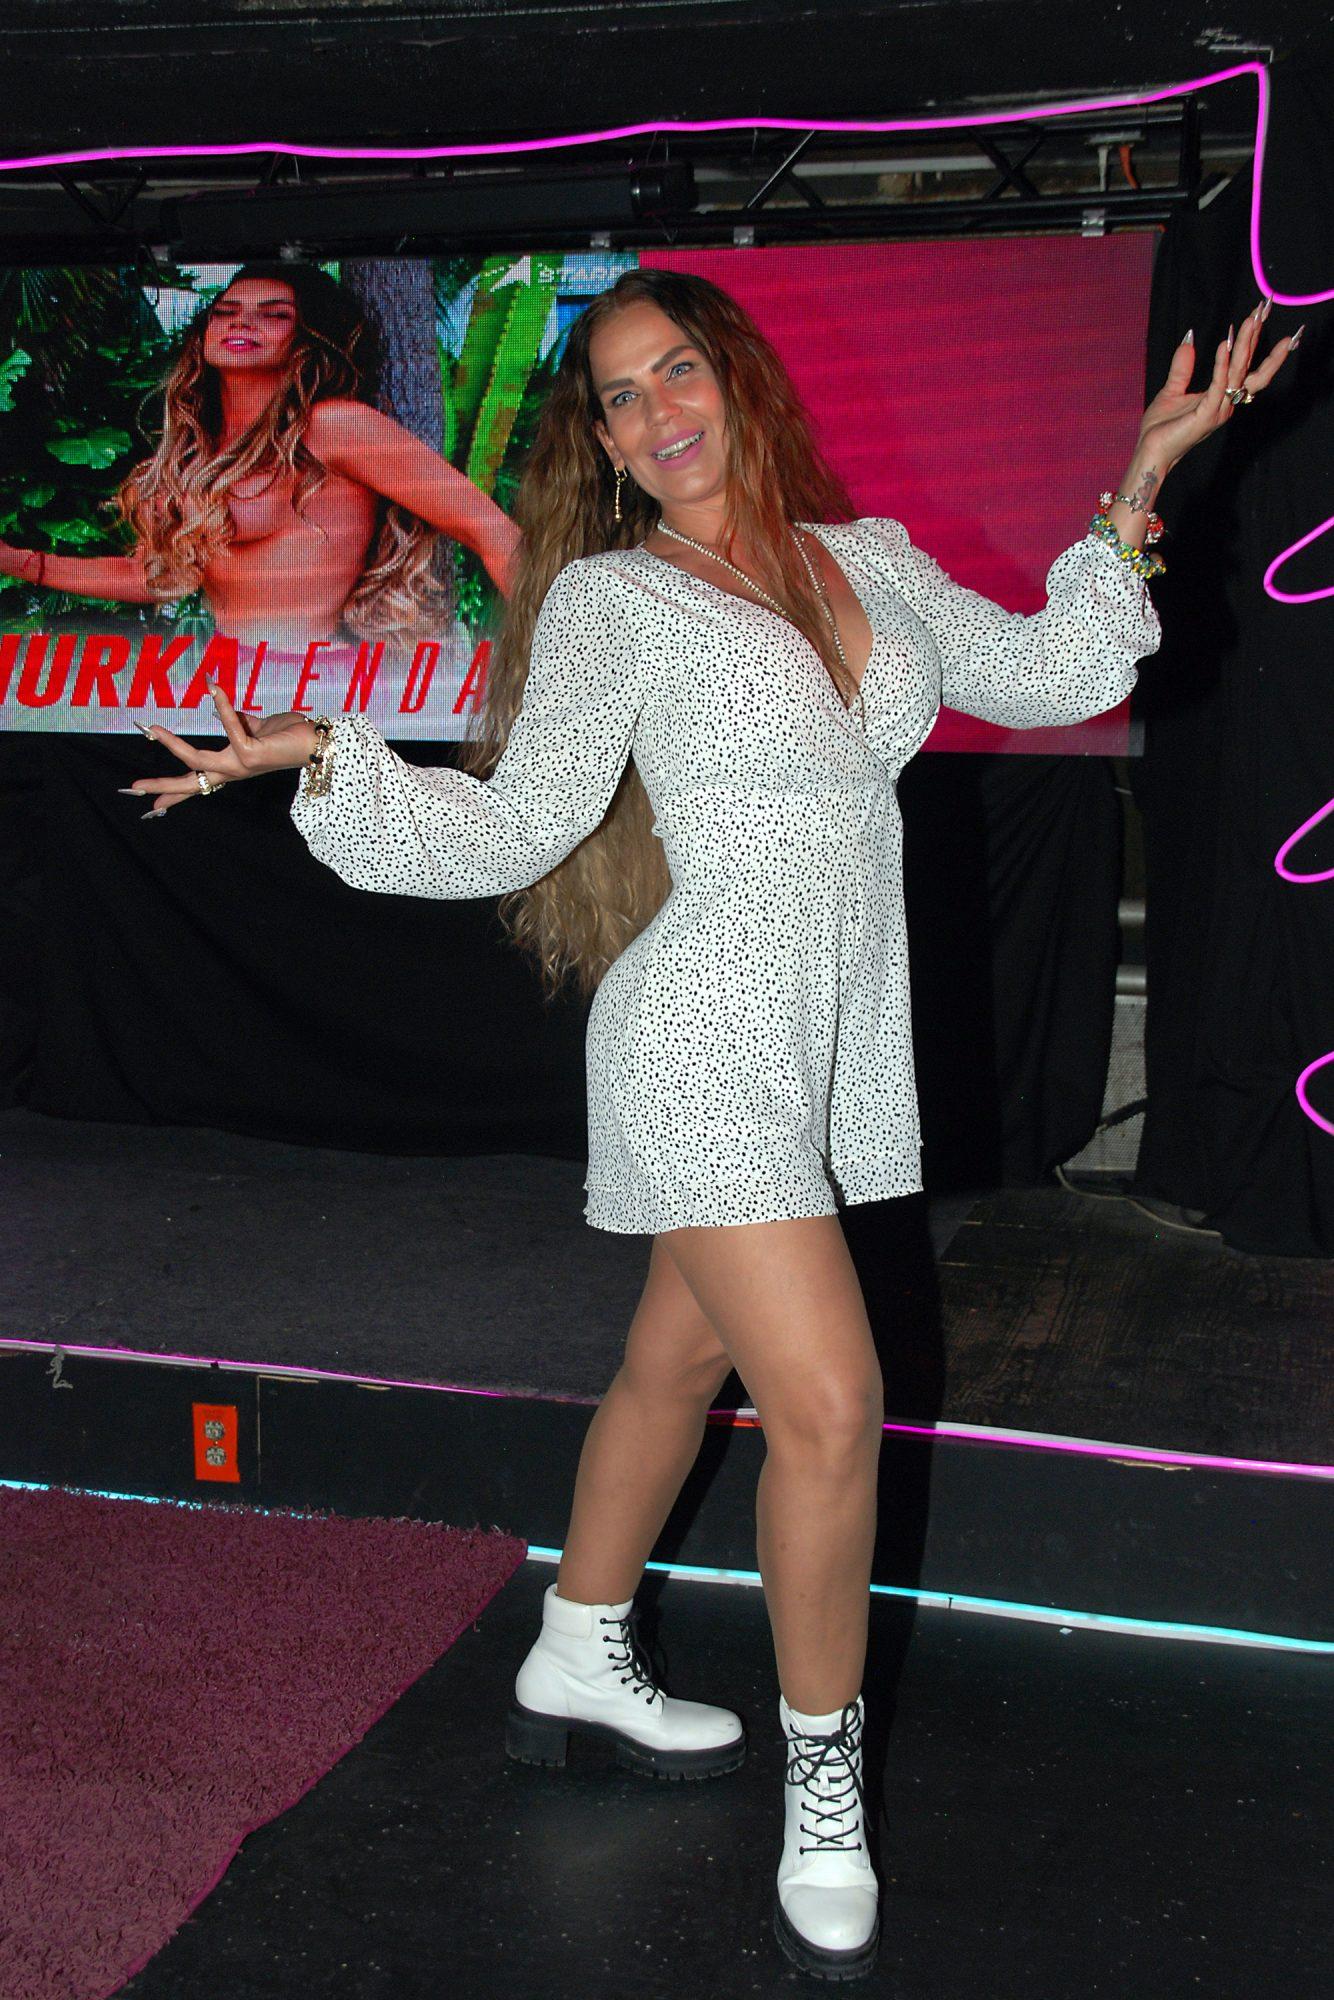 Niurka Marcos presenta su sexy Niurkalendario 2021, con fotos dedicadas a todos sus fans, en un bar de la Zona Rosa, en el centro de la capital mexicana. Cada almanaque tendrá un precio de $290 pesos (unos 14 dólares) y $590 (28 dólares) si lo quieren con una dedicatoria personal de la cubana/México, 3 de diciembre 2020.